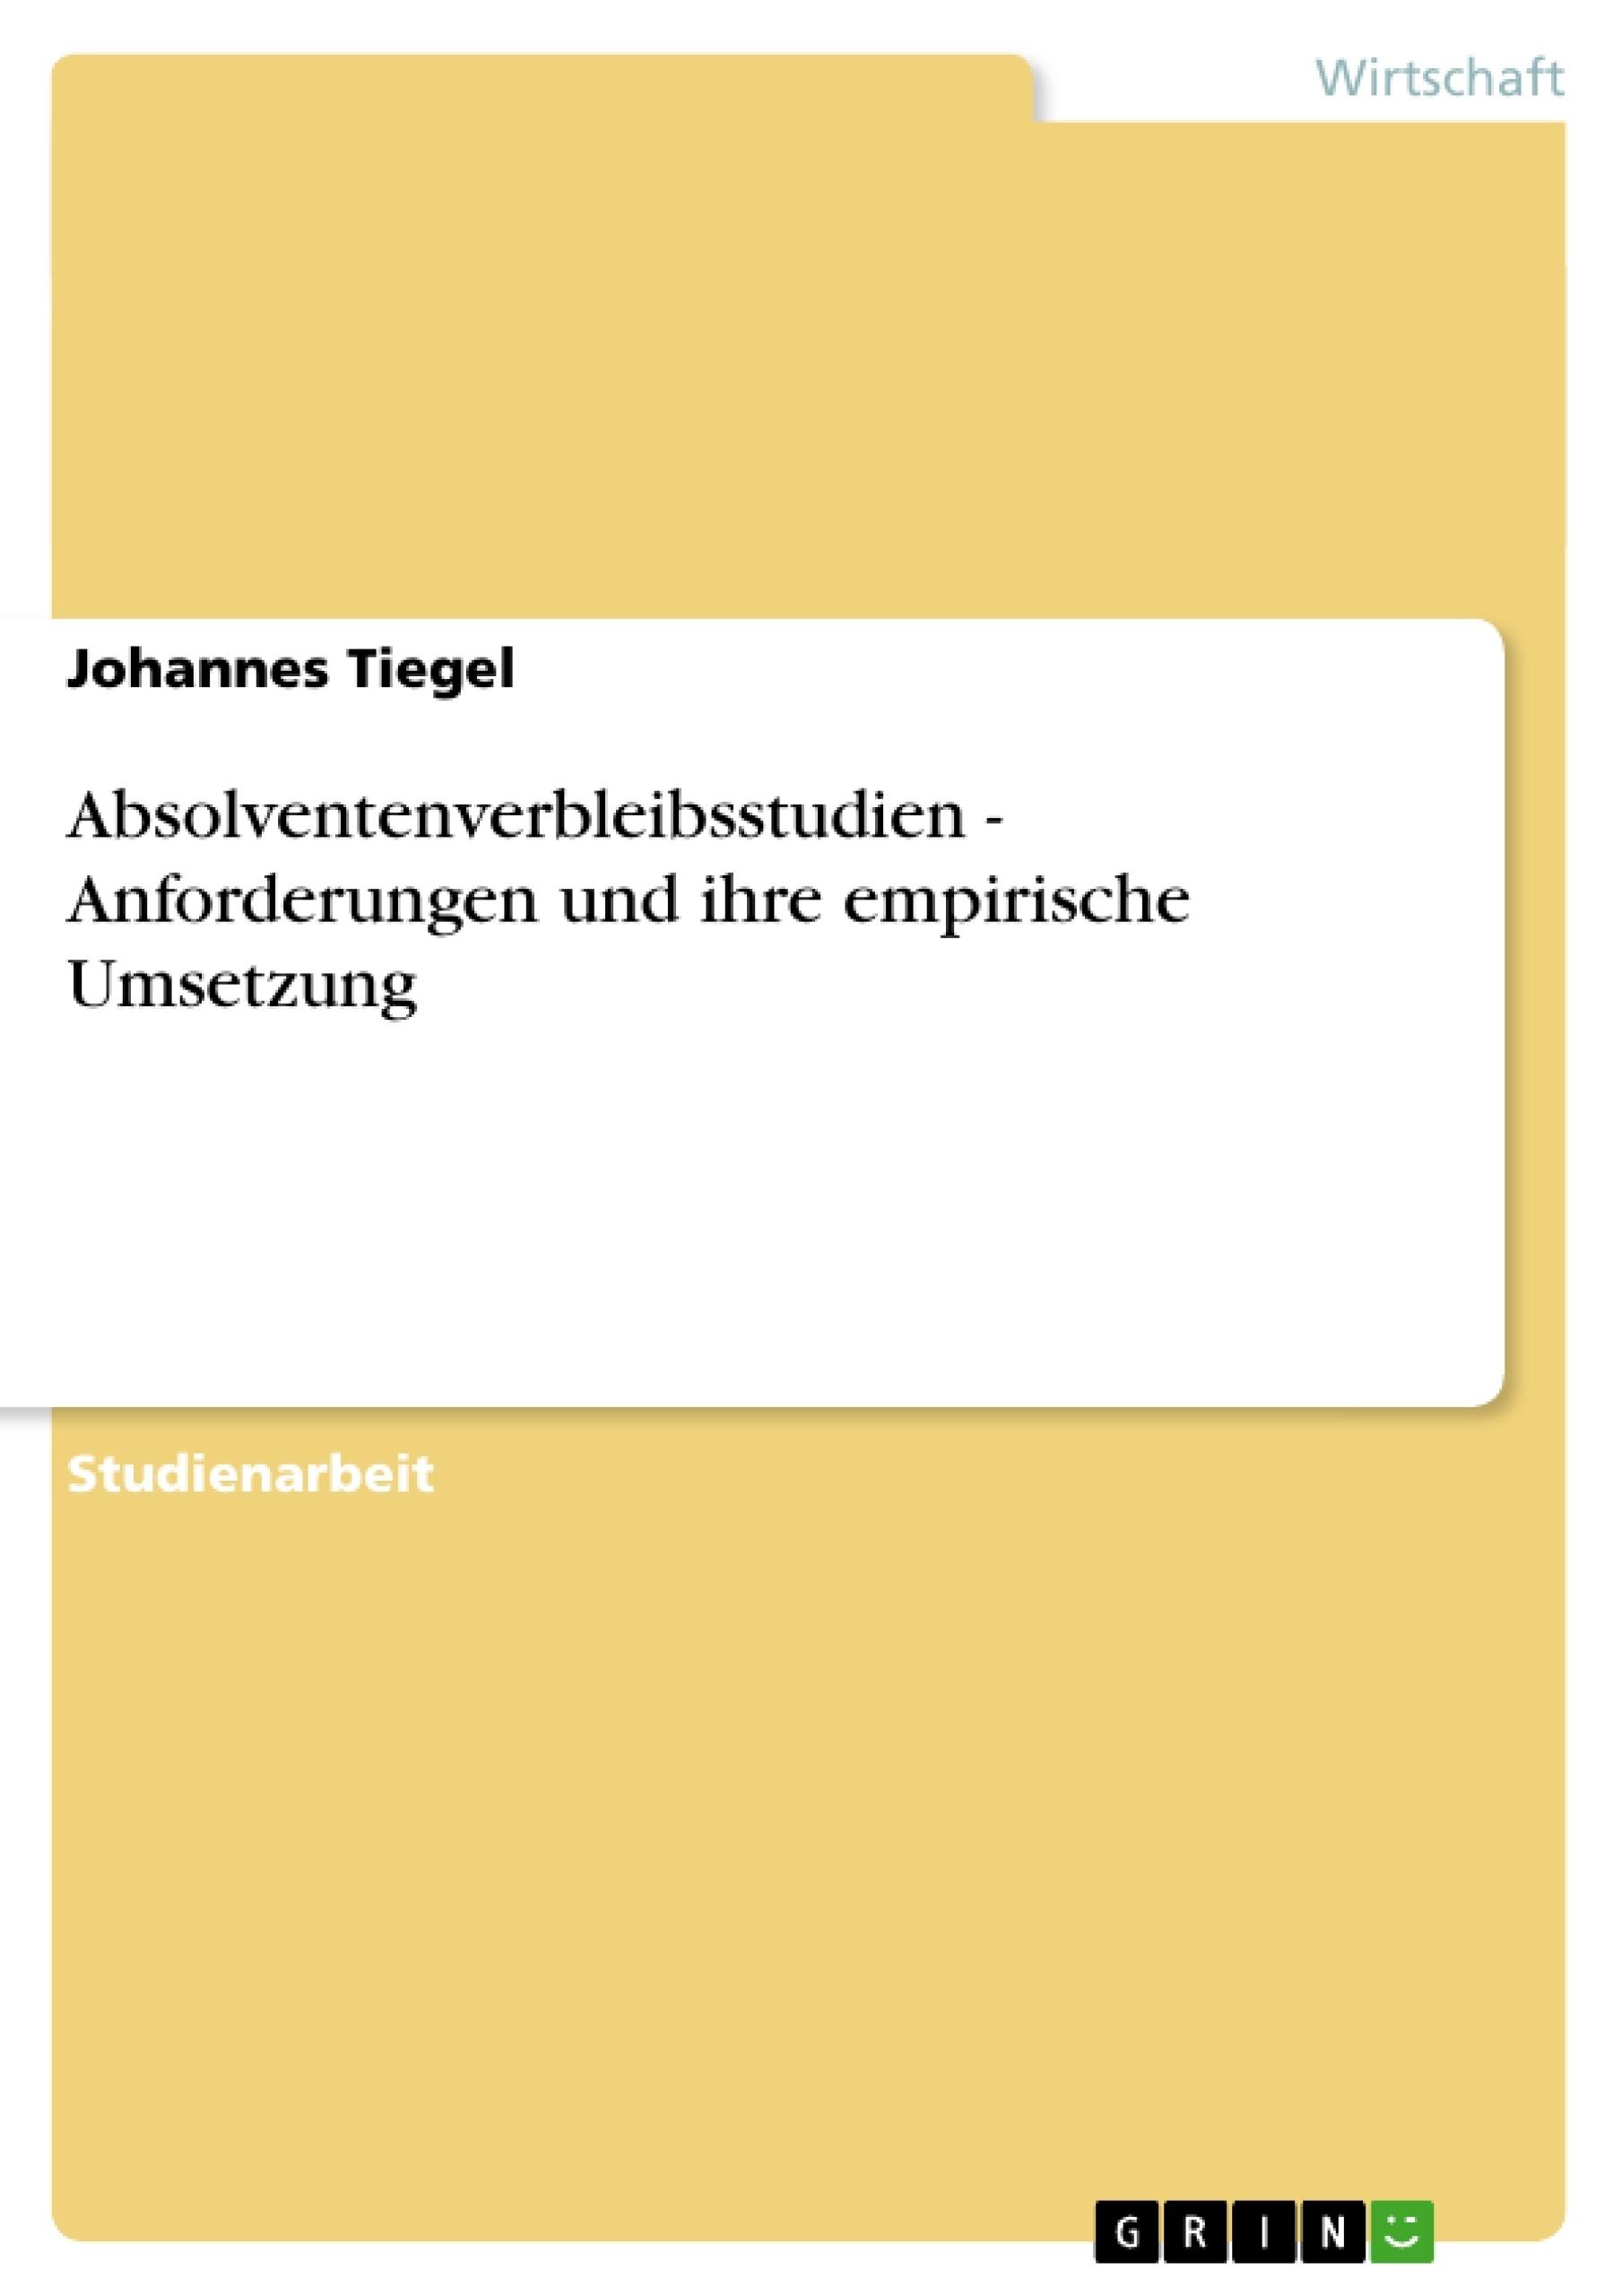 Titel: Absolventenverbleibsstudien - Anforderungen und ihre empirische Umsetzung